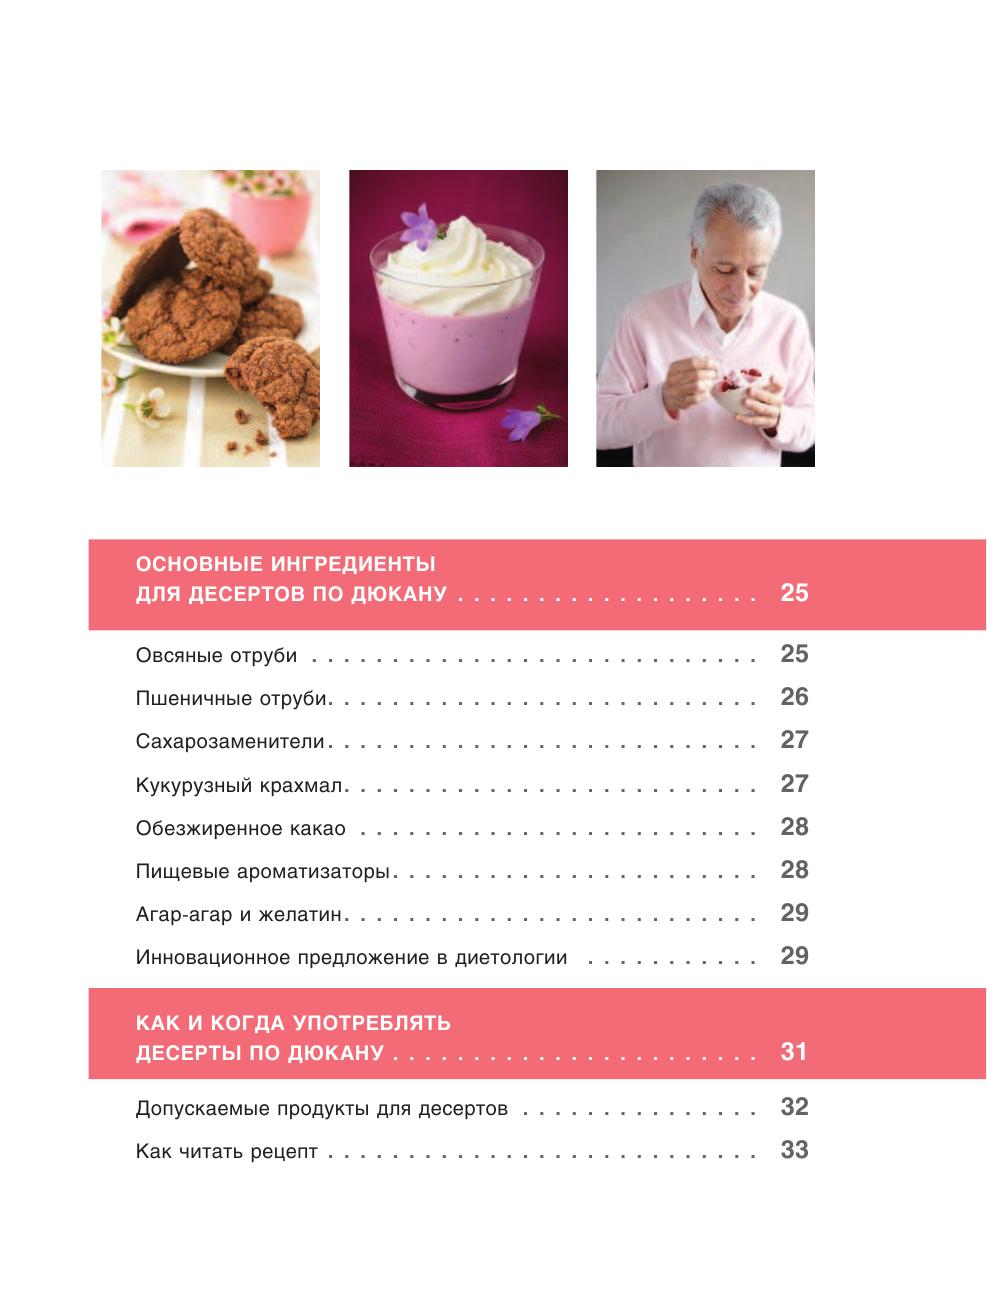 Дневник Диеты На Дюкане. Белковая диета Дюкана — этапы, принципы, меню на каждый день, отзывы